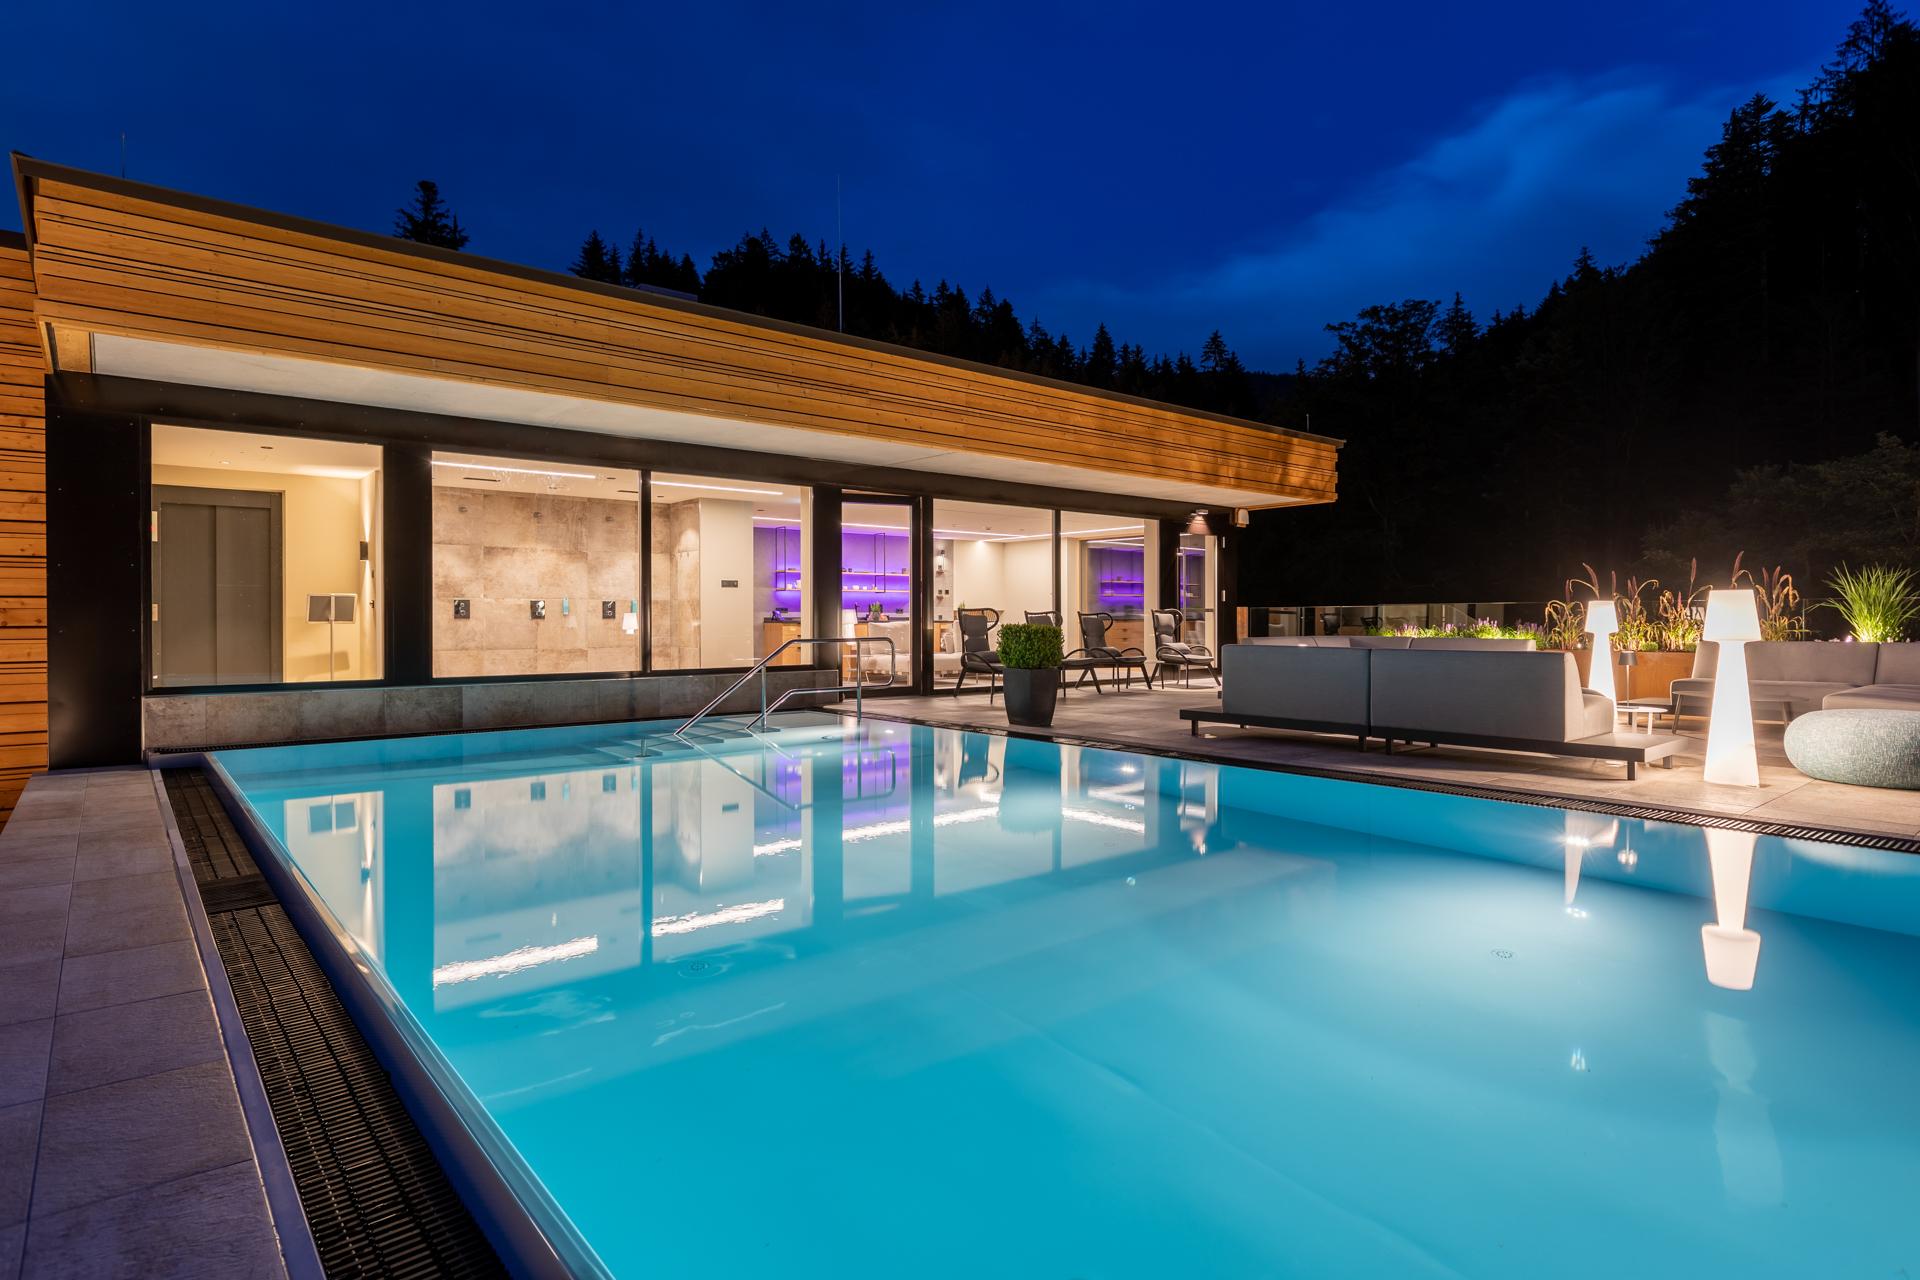 hotel sackmann in baiersbronn holidaycheck baden w rttemberg deutschland. Black Bedroom Furniture Sets. Home Design Ideas